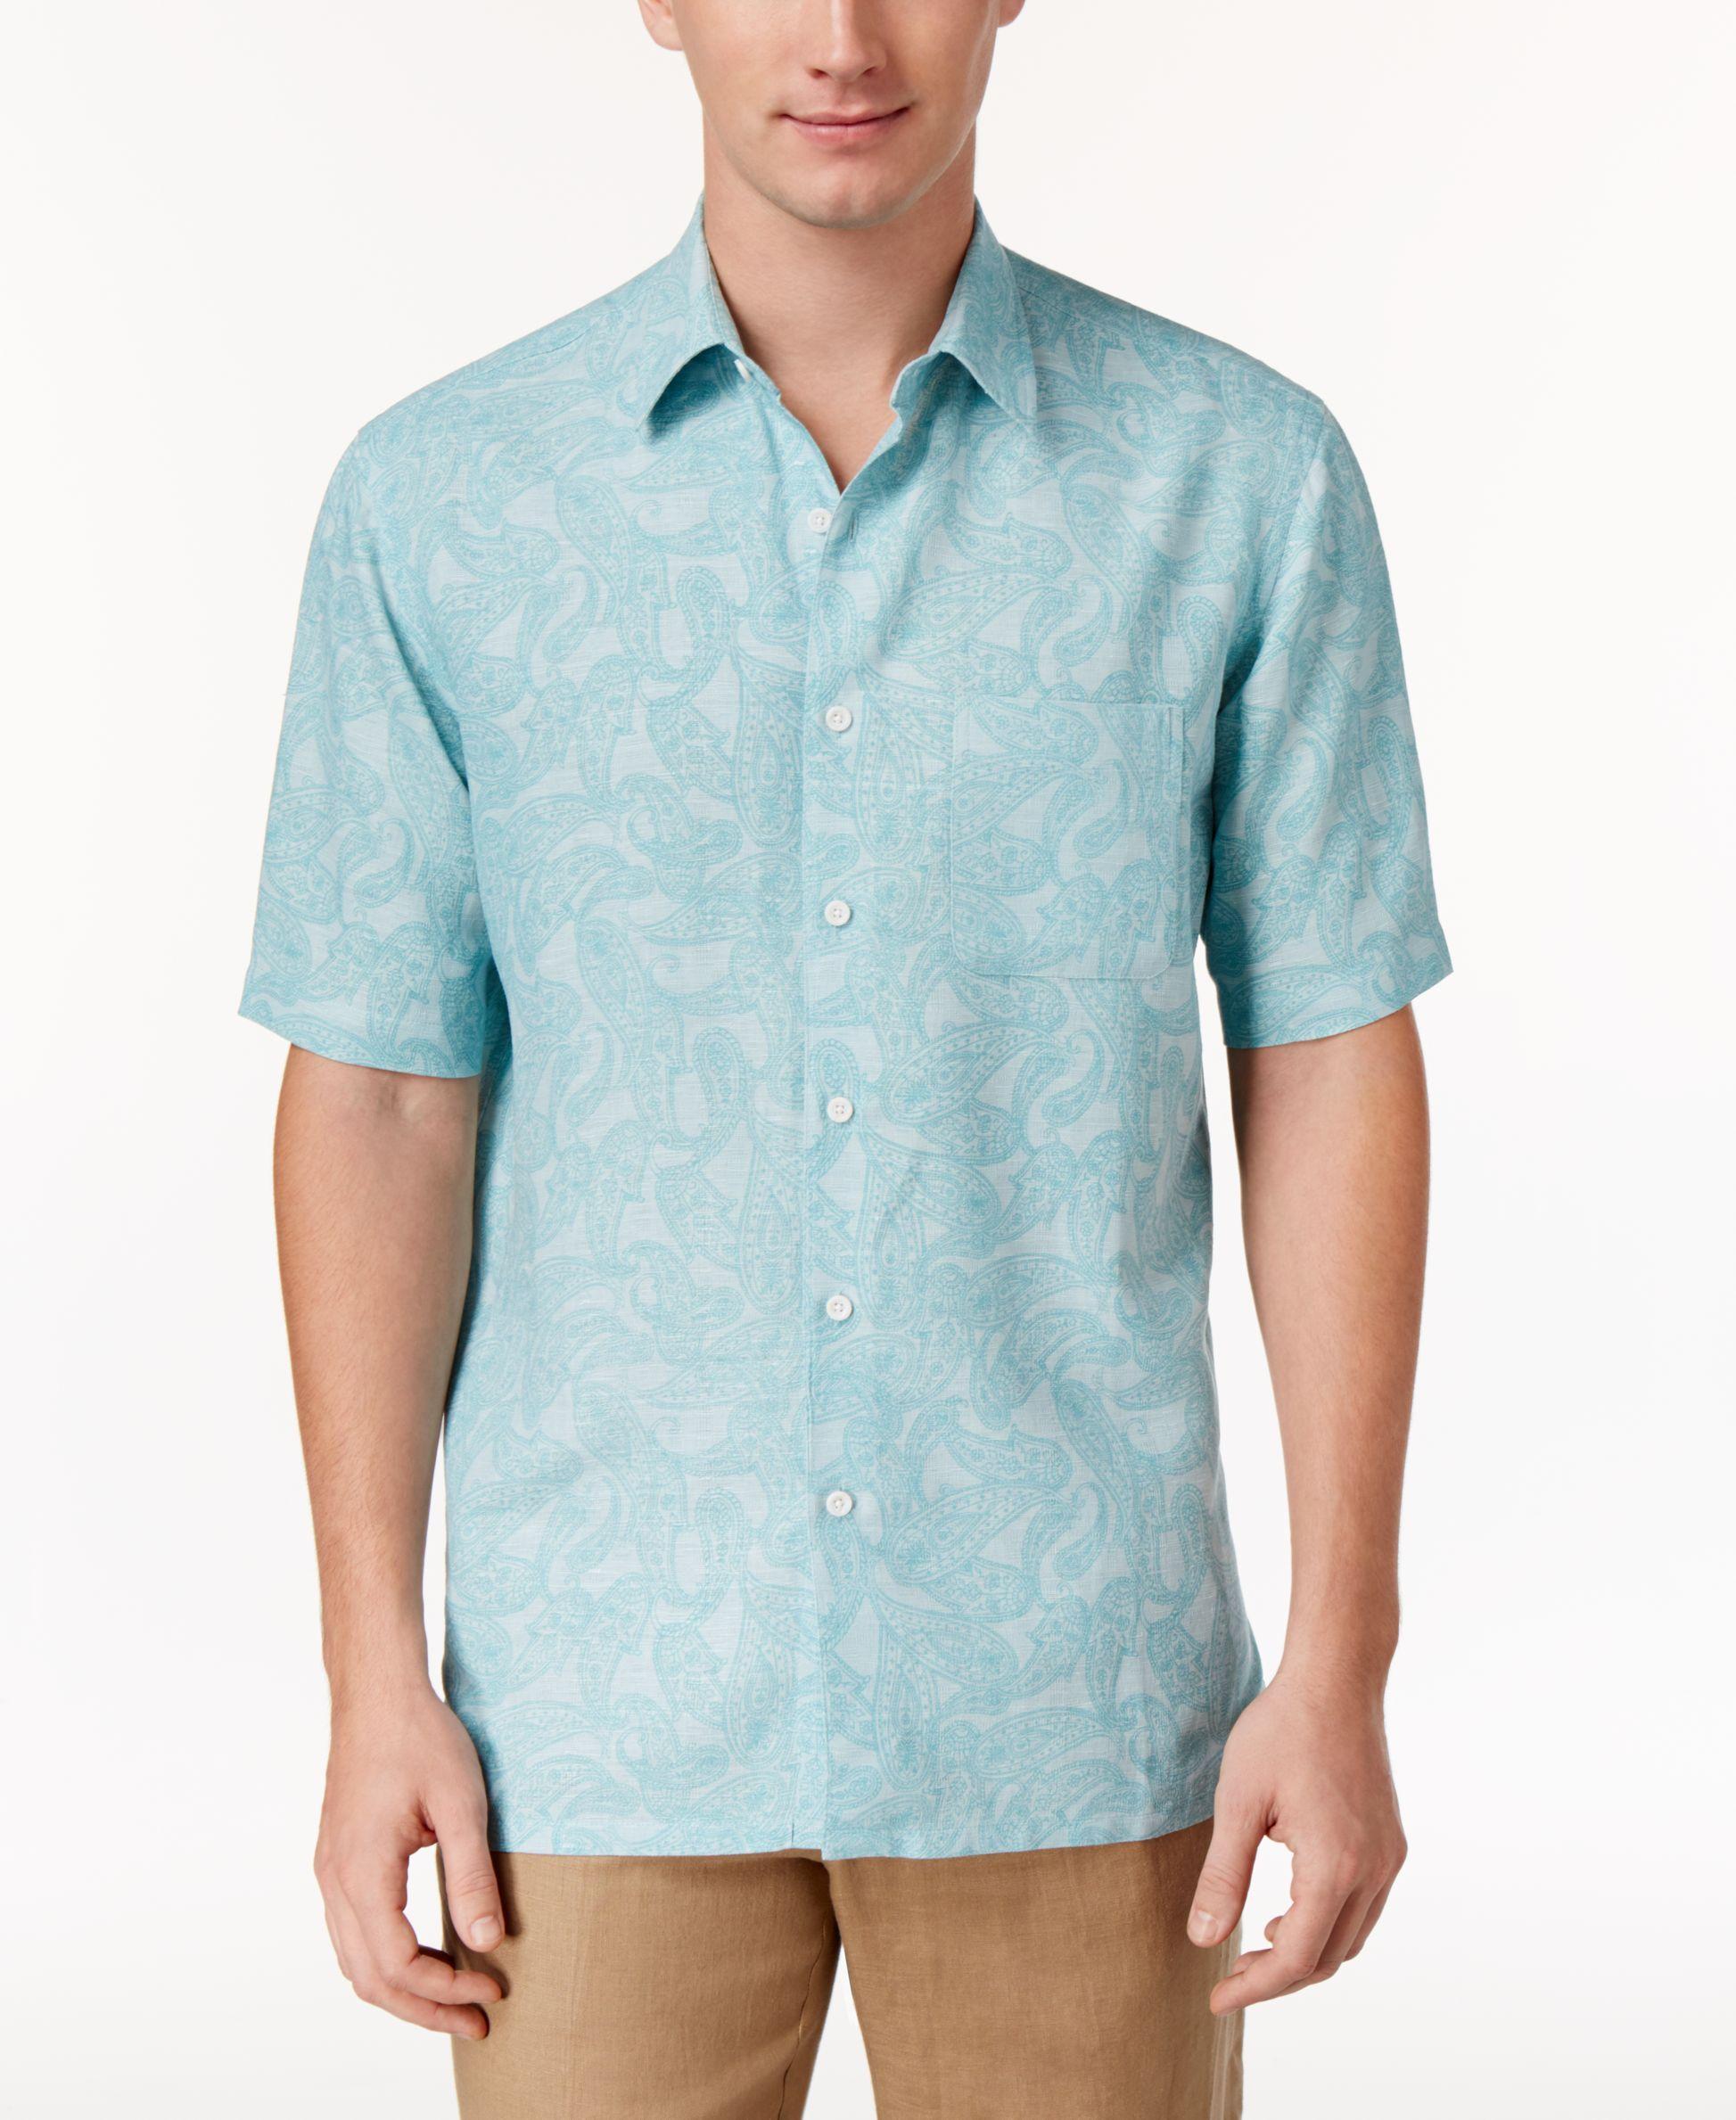 Tasso Elba Men's Print Shirt, Only at Macy's